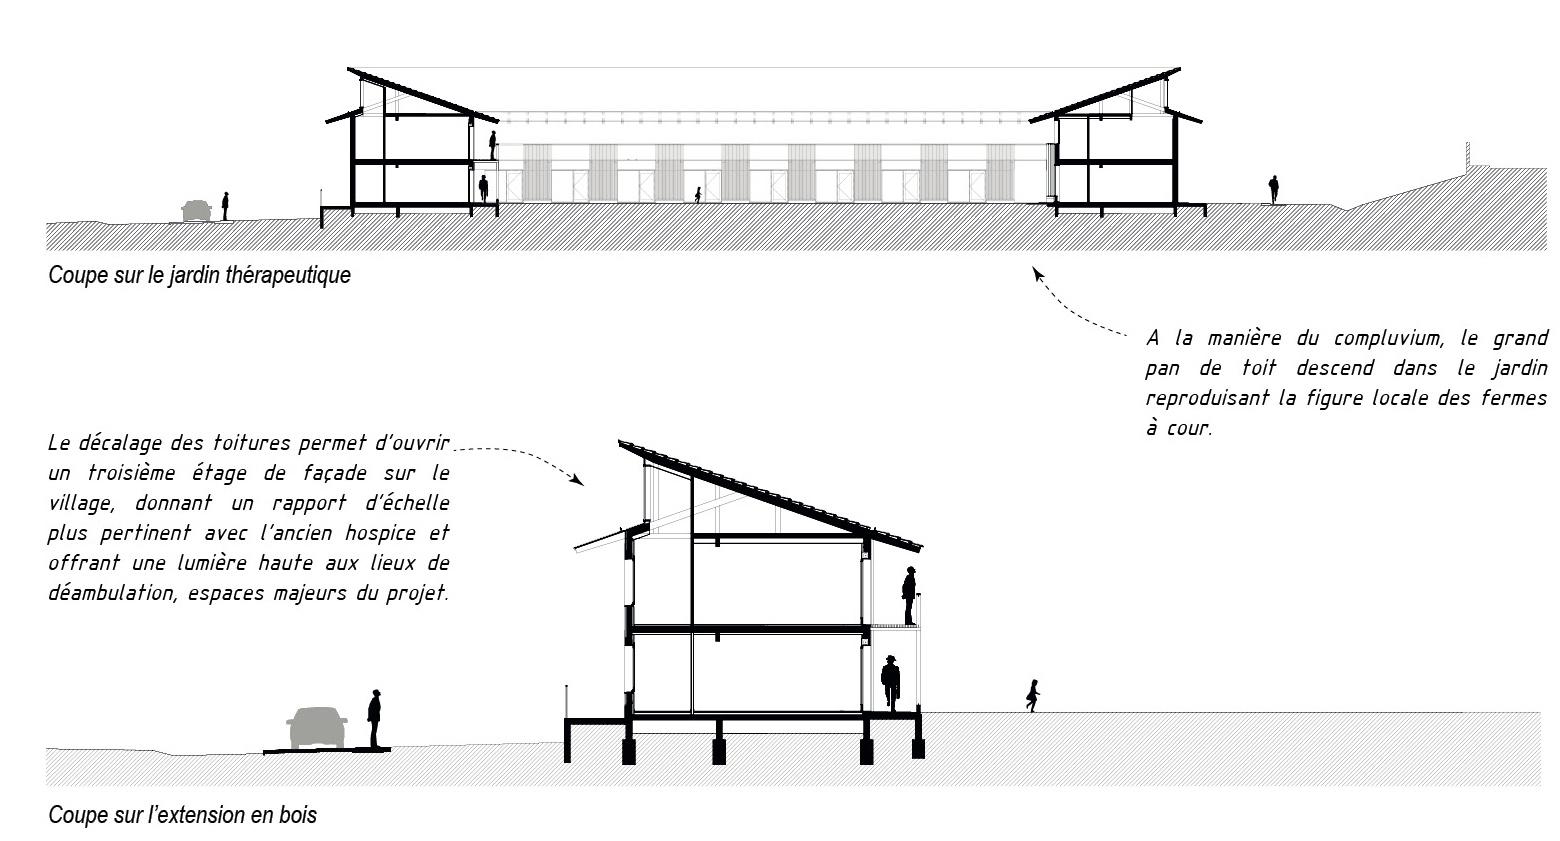 Maison de retraite arlanc avec l atelier d 39 architecture simon teyssou boris bouchet architectes - Coupe et section dessin technique ...